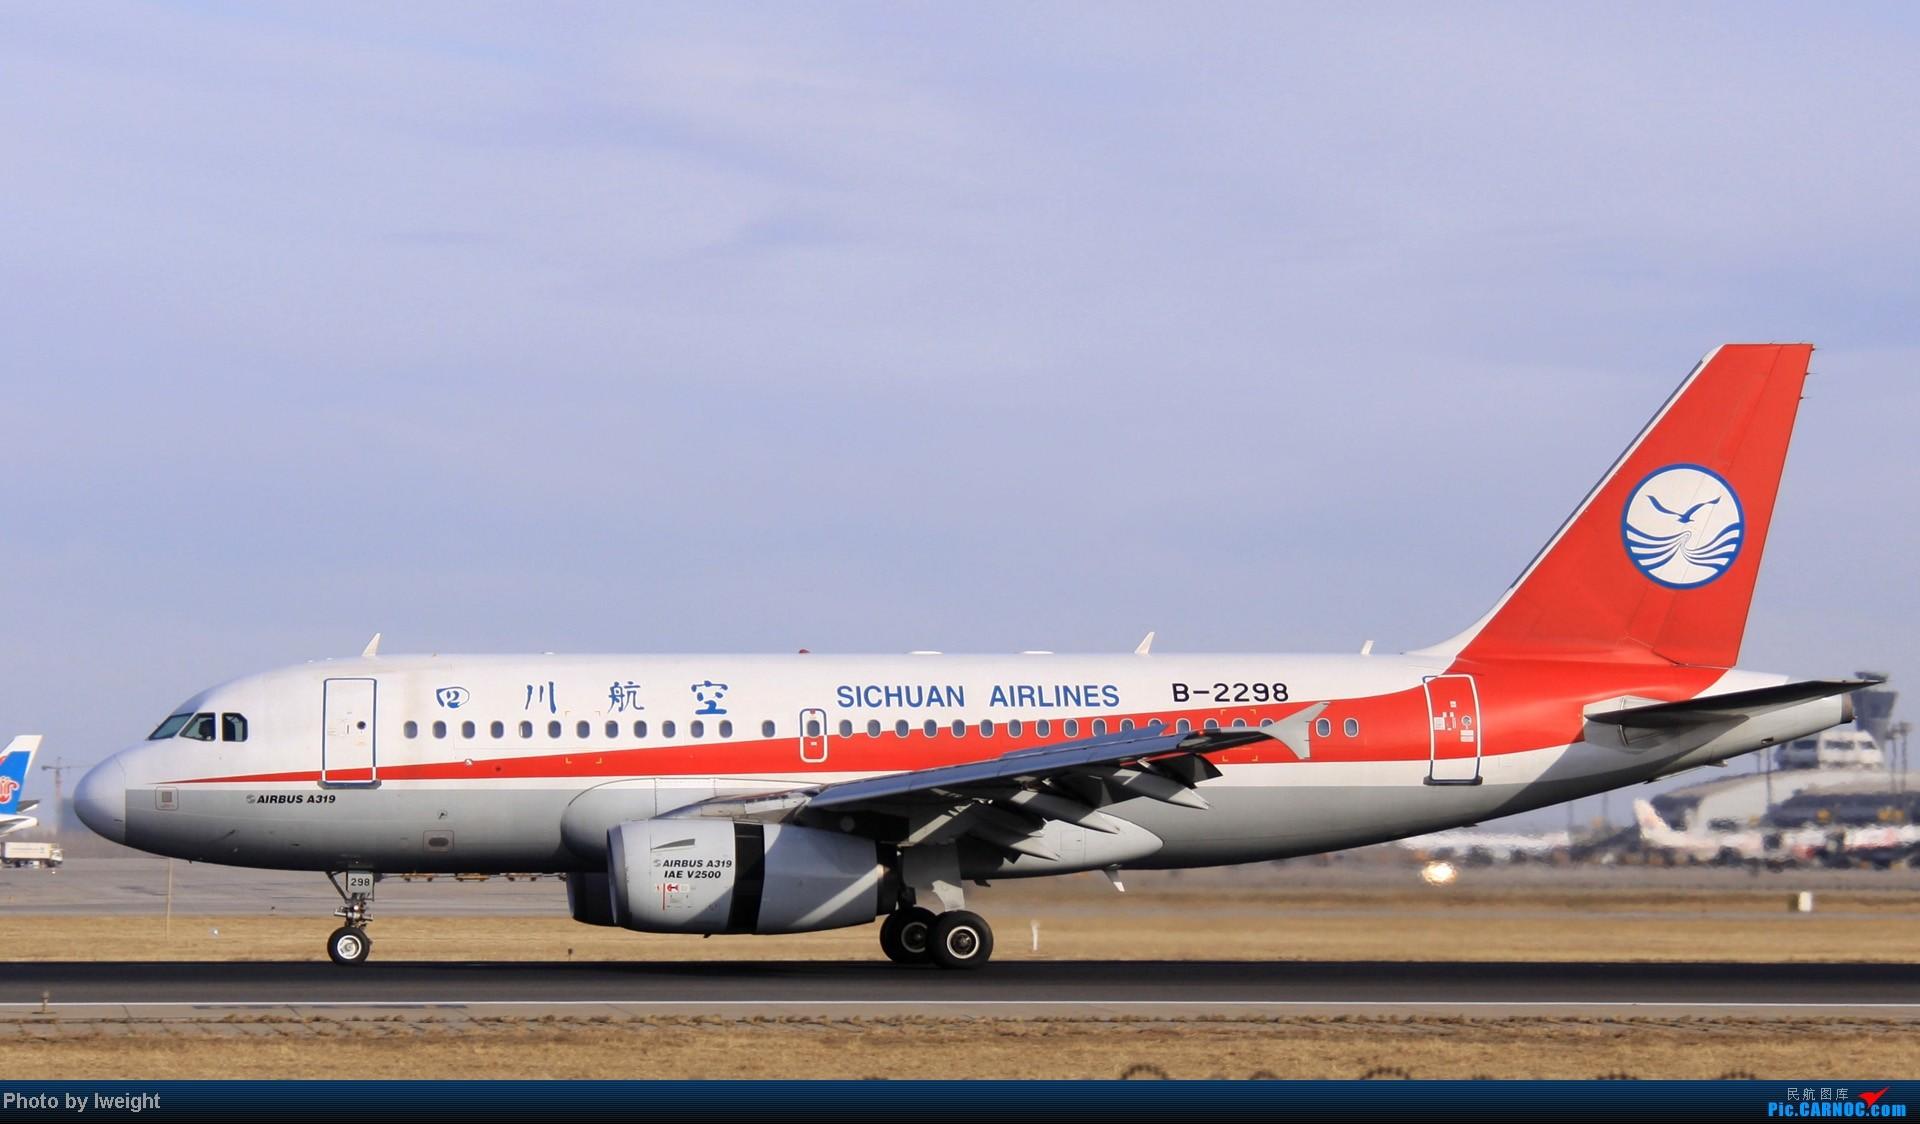 Re:[原创]今天下午瞎拍两个小时的杂图 AIRBUS A319-100 B-2298 中国北京首都机场